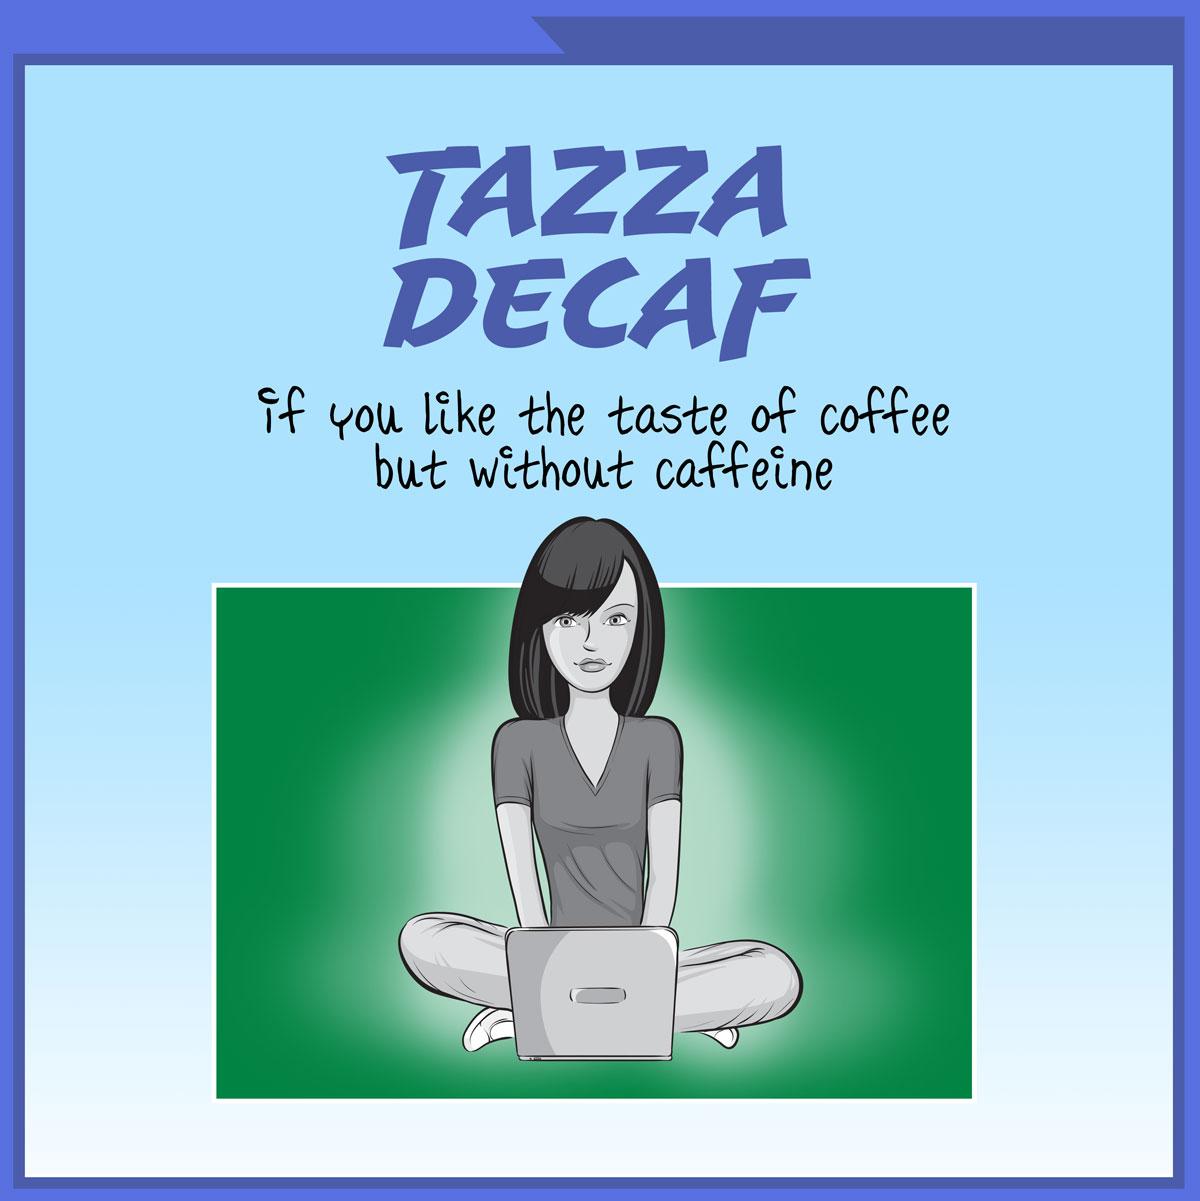 Tazza Decaf